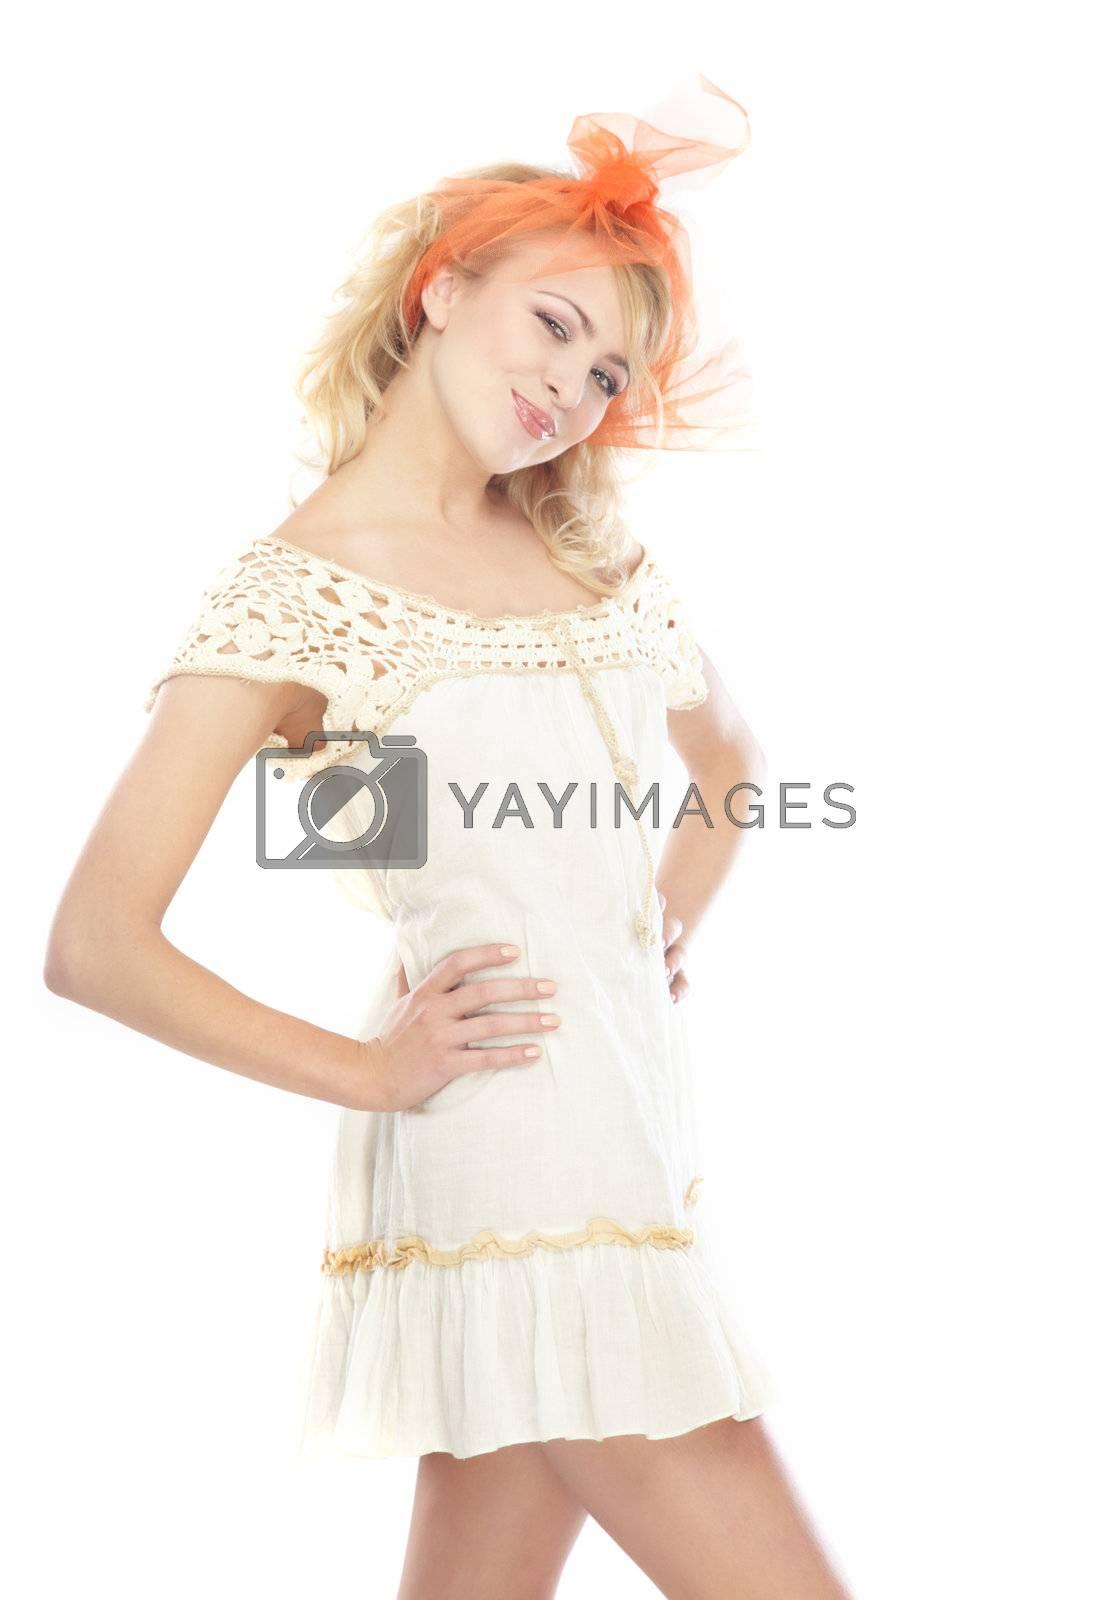 Stylish woman akimbo posing on a white background